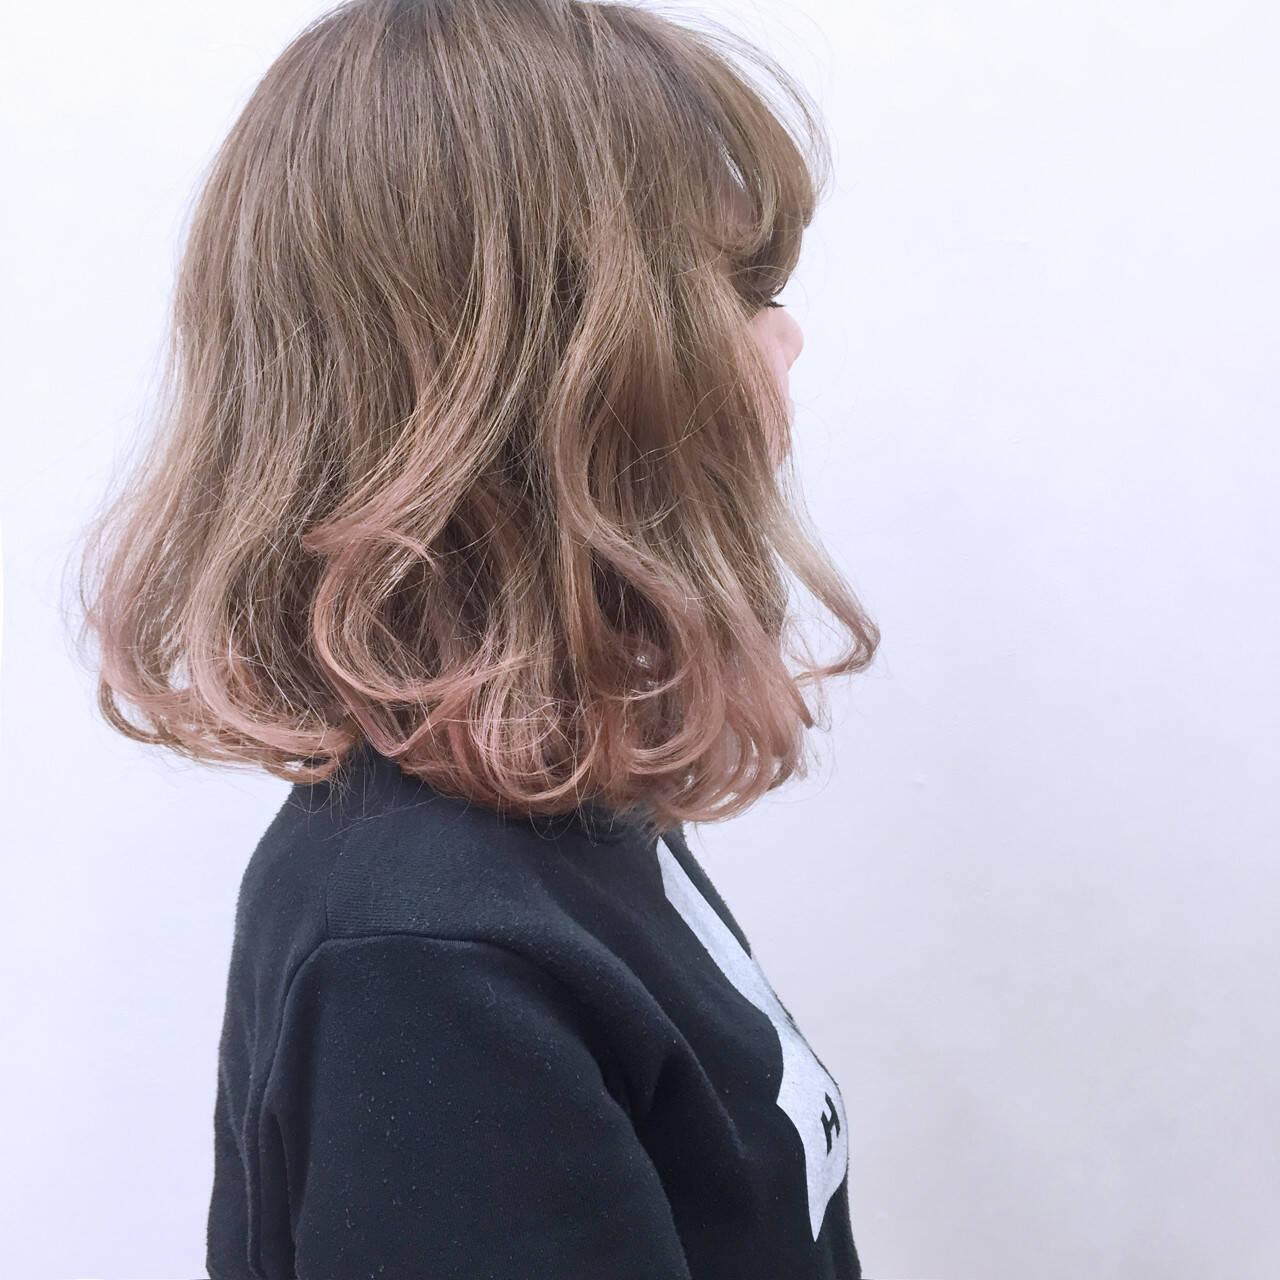 渋谷系 ストリート グラデーションカラー ピンクヘアスタイルや髪型の写真・画像